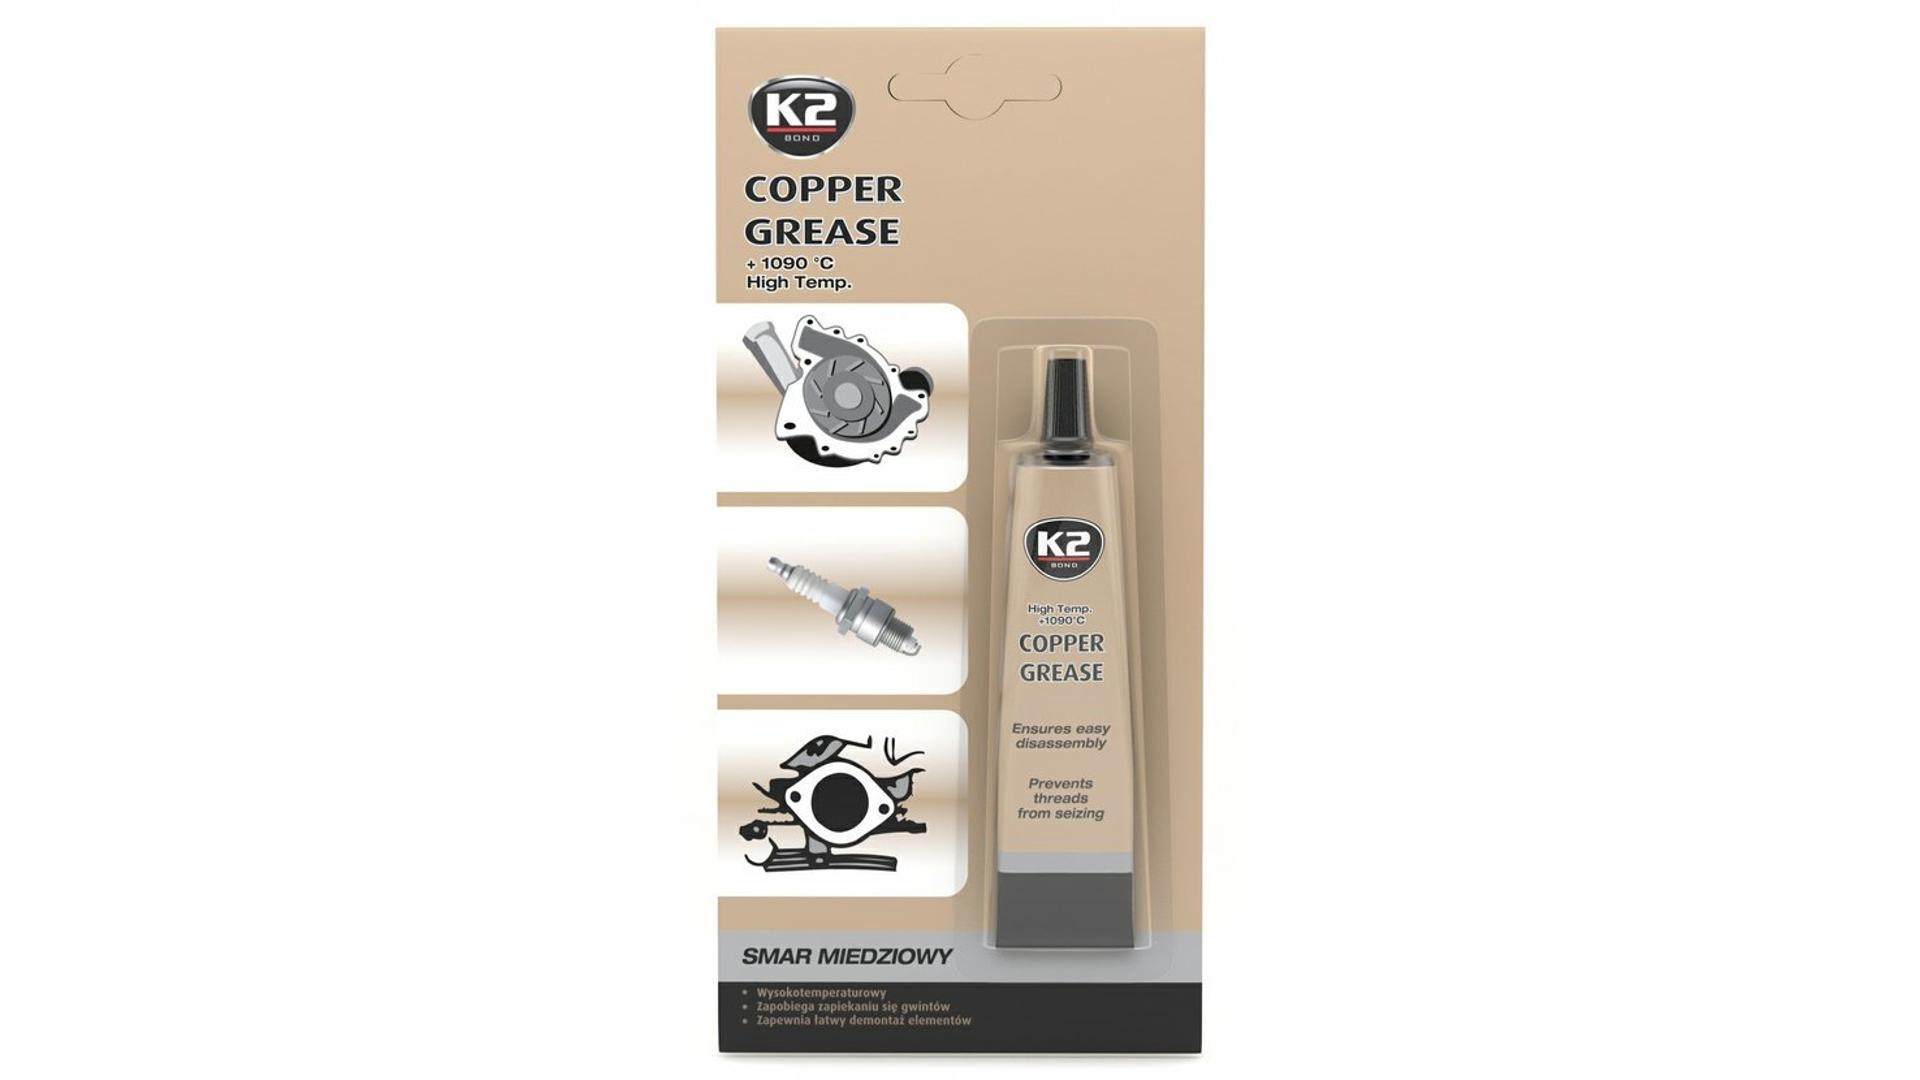 K2 COPPER GREASE 20 ml - medené mazivo pre tepelné namáhané spoje